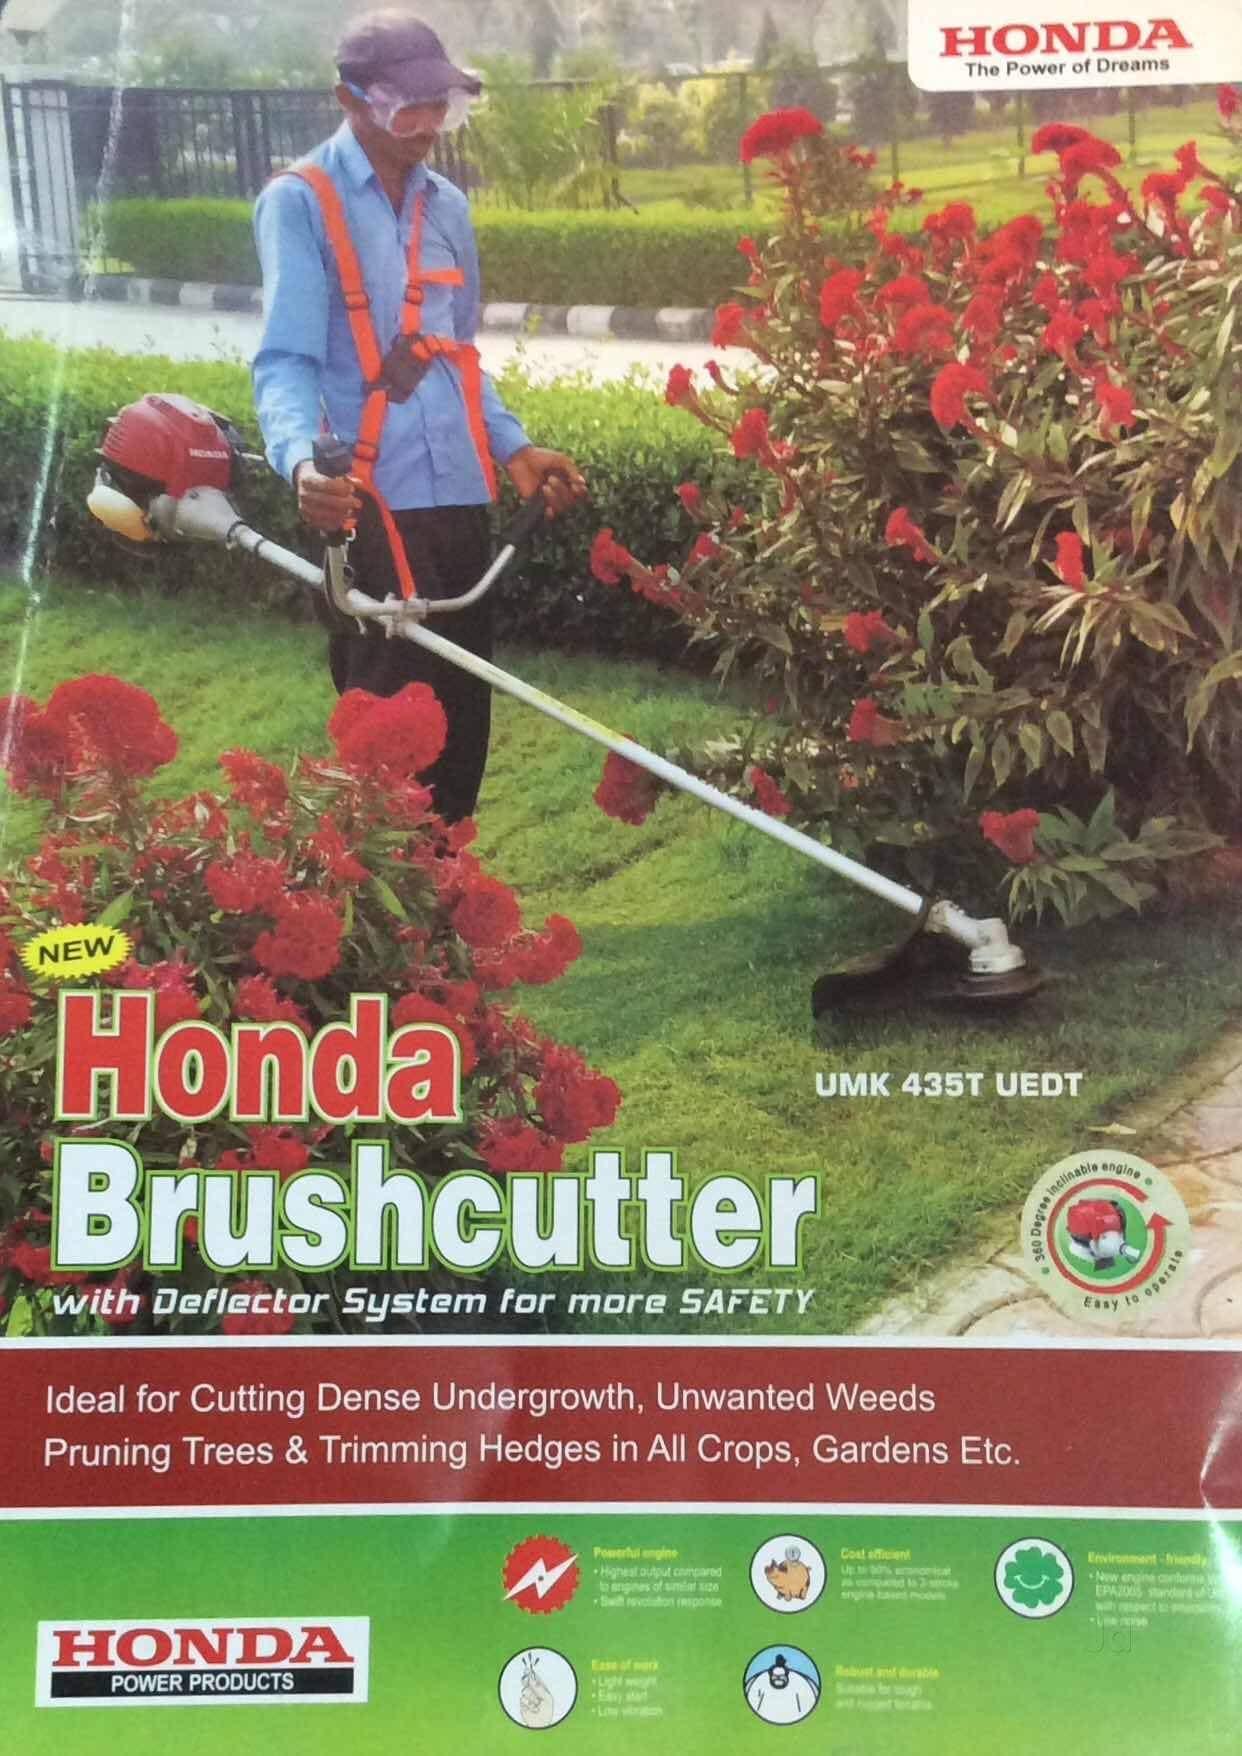 Honda Lawn Mower Repair U0026 Services In Kolkata